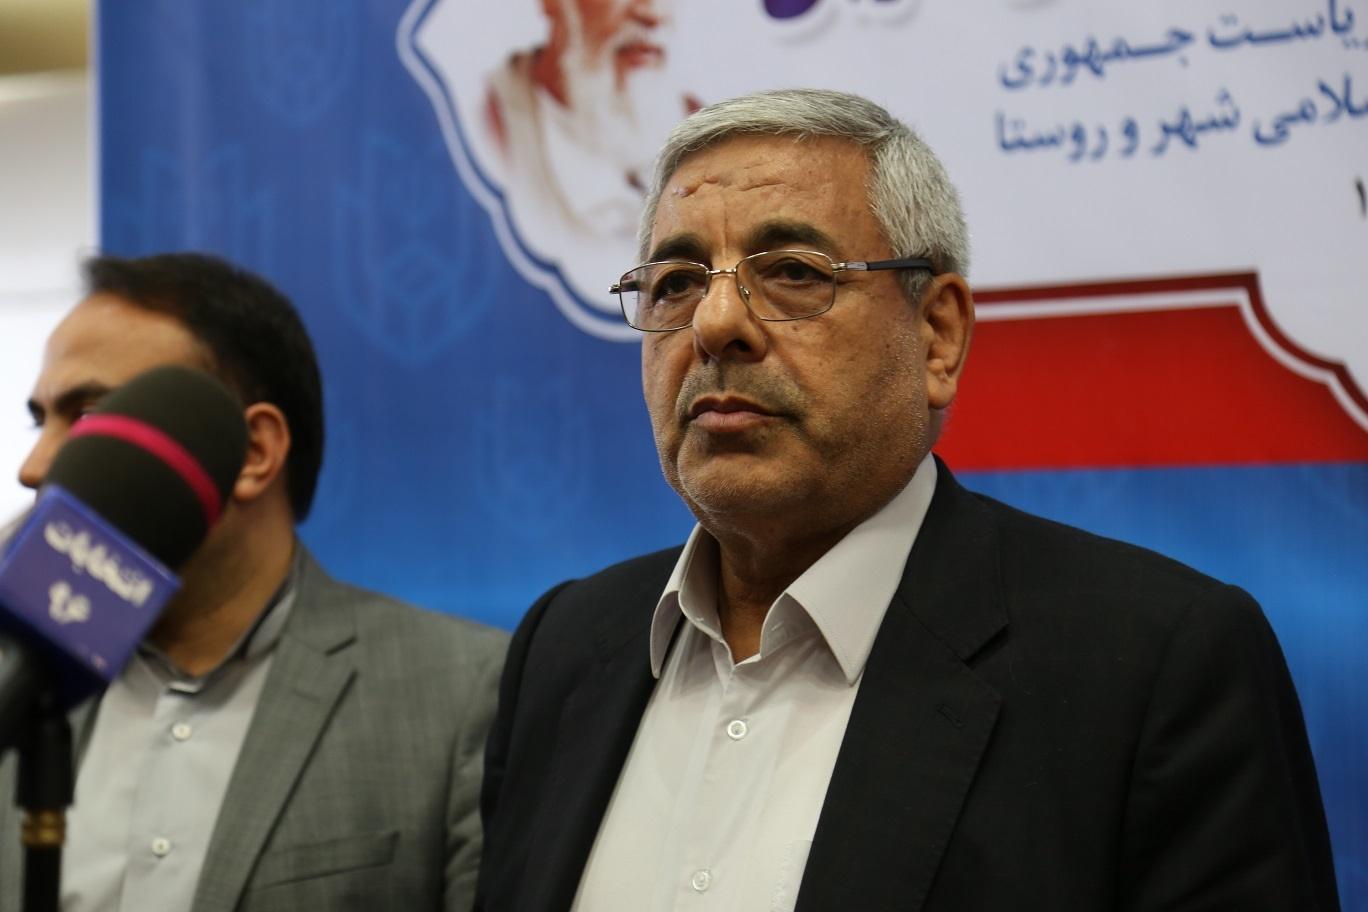 استاندار آذربایجانغربی: مردم با شکوه و شادمانی در انتخابات شرکت کردهاند